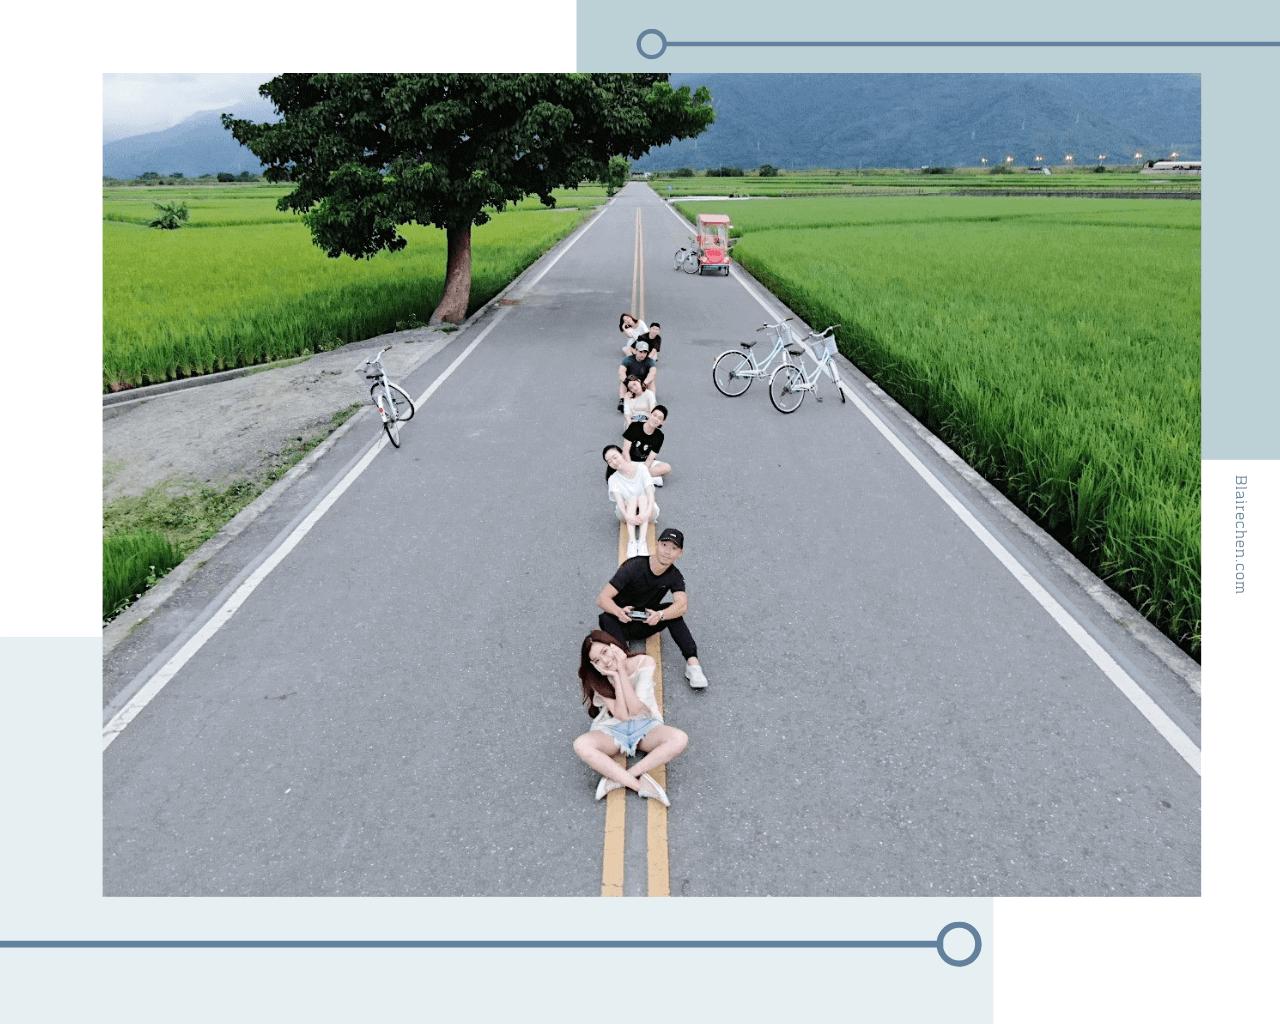 【台東旅遊】|台東景點推薦、旅遊打卡、最夯的SUP行程,出發吧!小旅行!